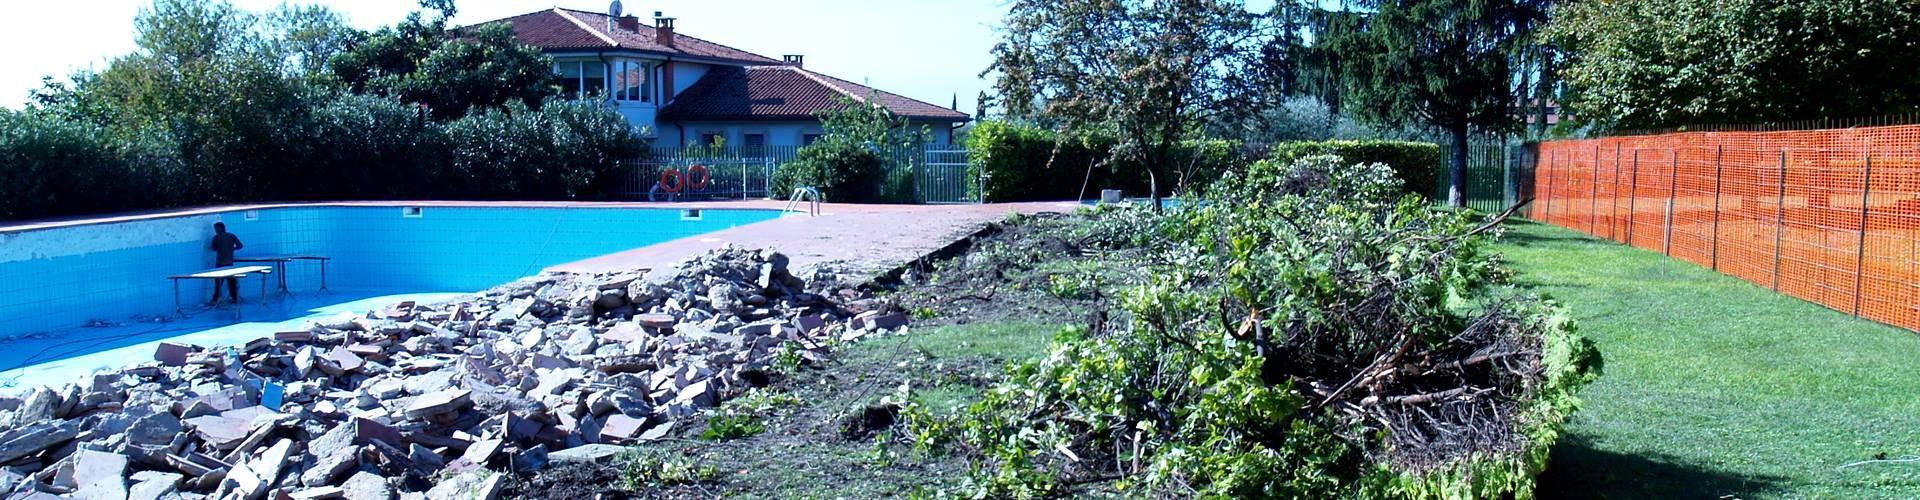 Sostituzione sabbia filtri per piscine mantova mn - Filtri per piscine ...